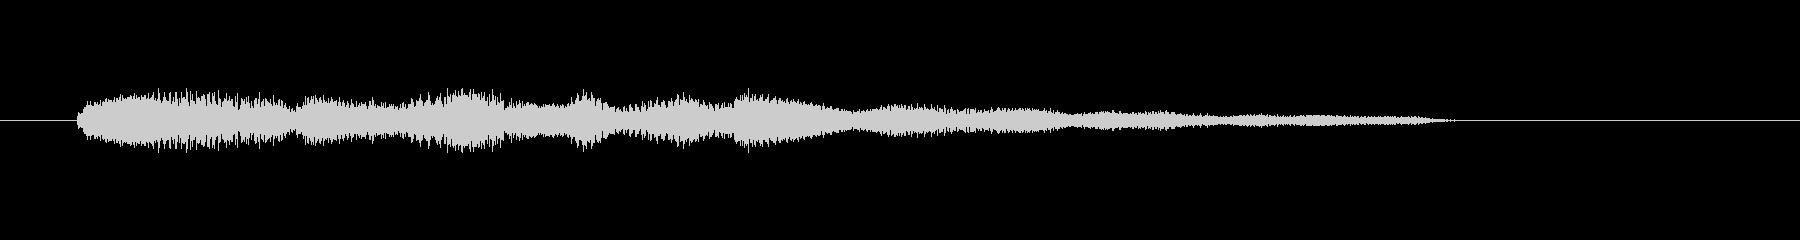 エレピのジングル3の未再生の波形